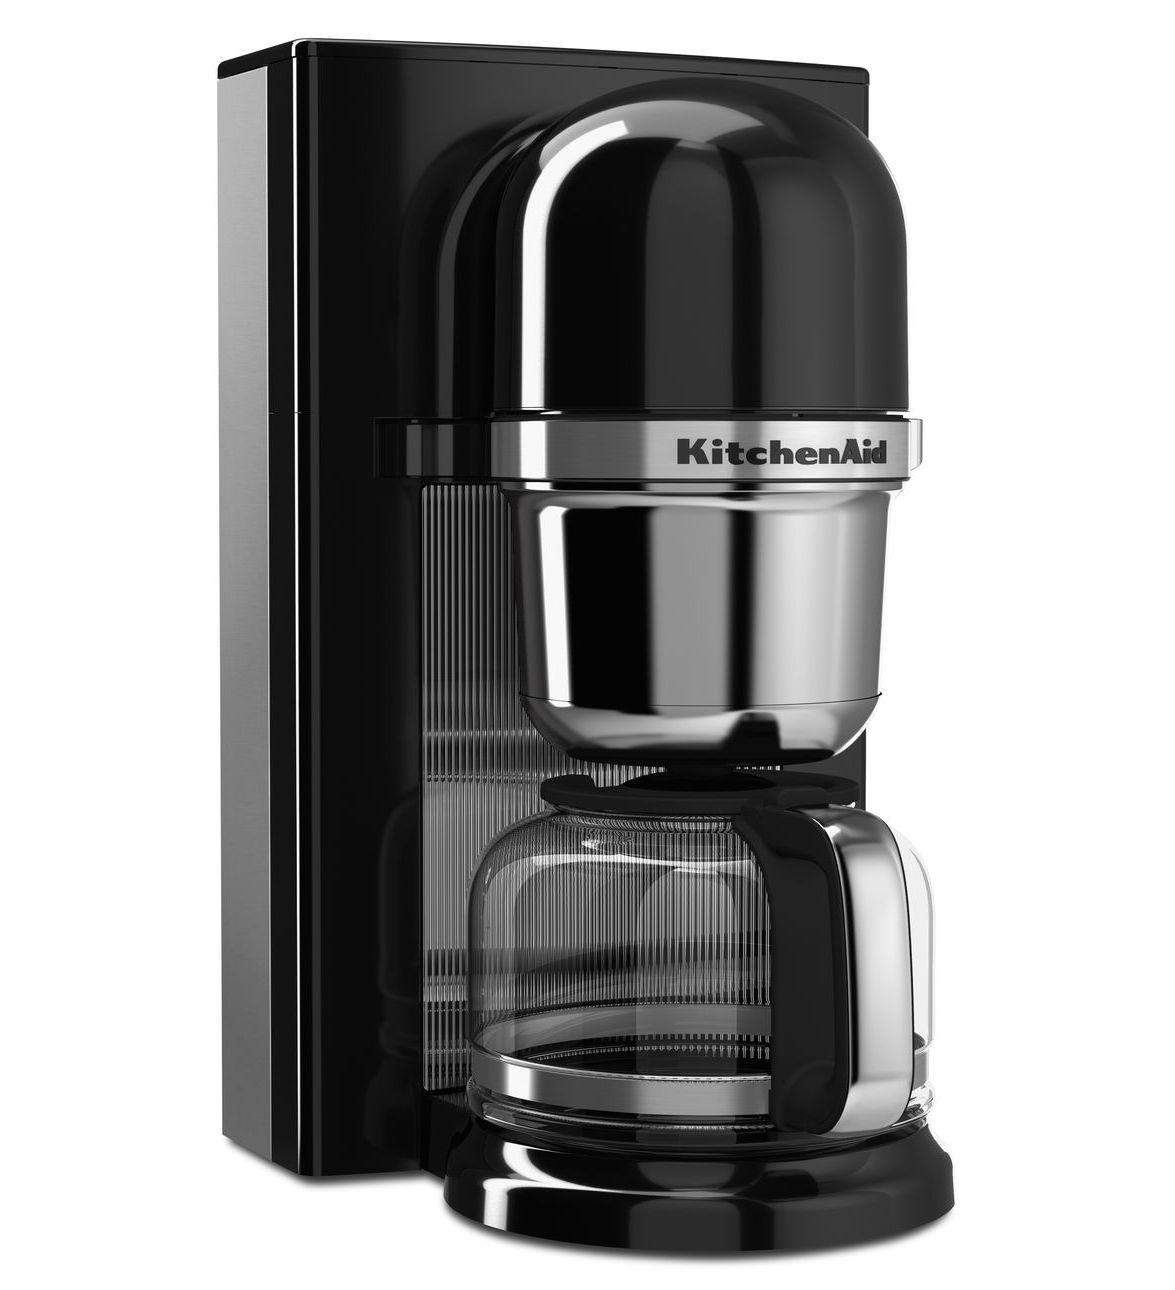 KitchenAid Kávovar na přelévanou kávu černá